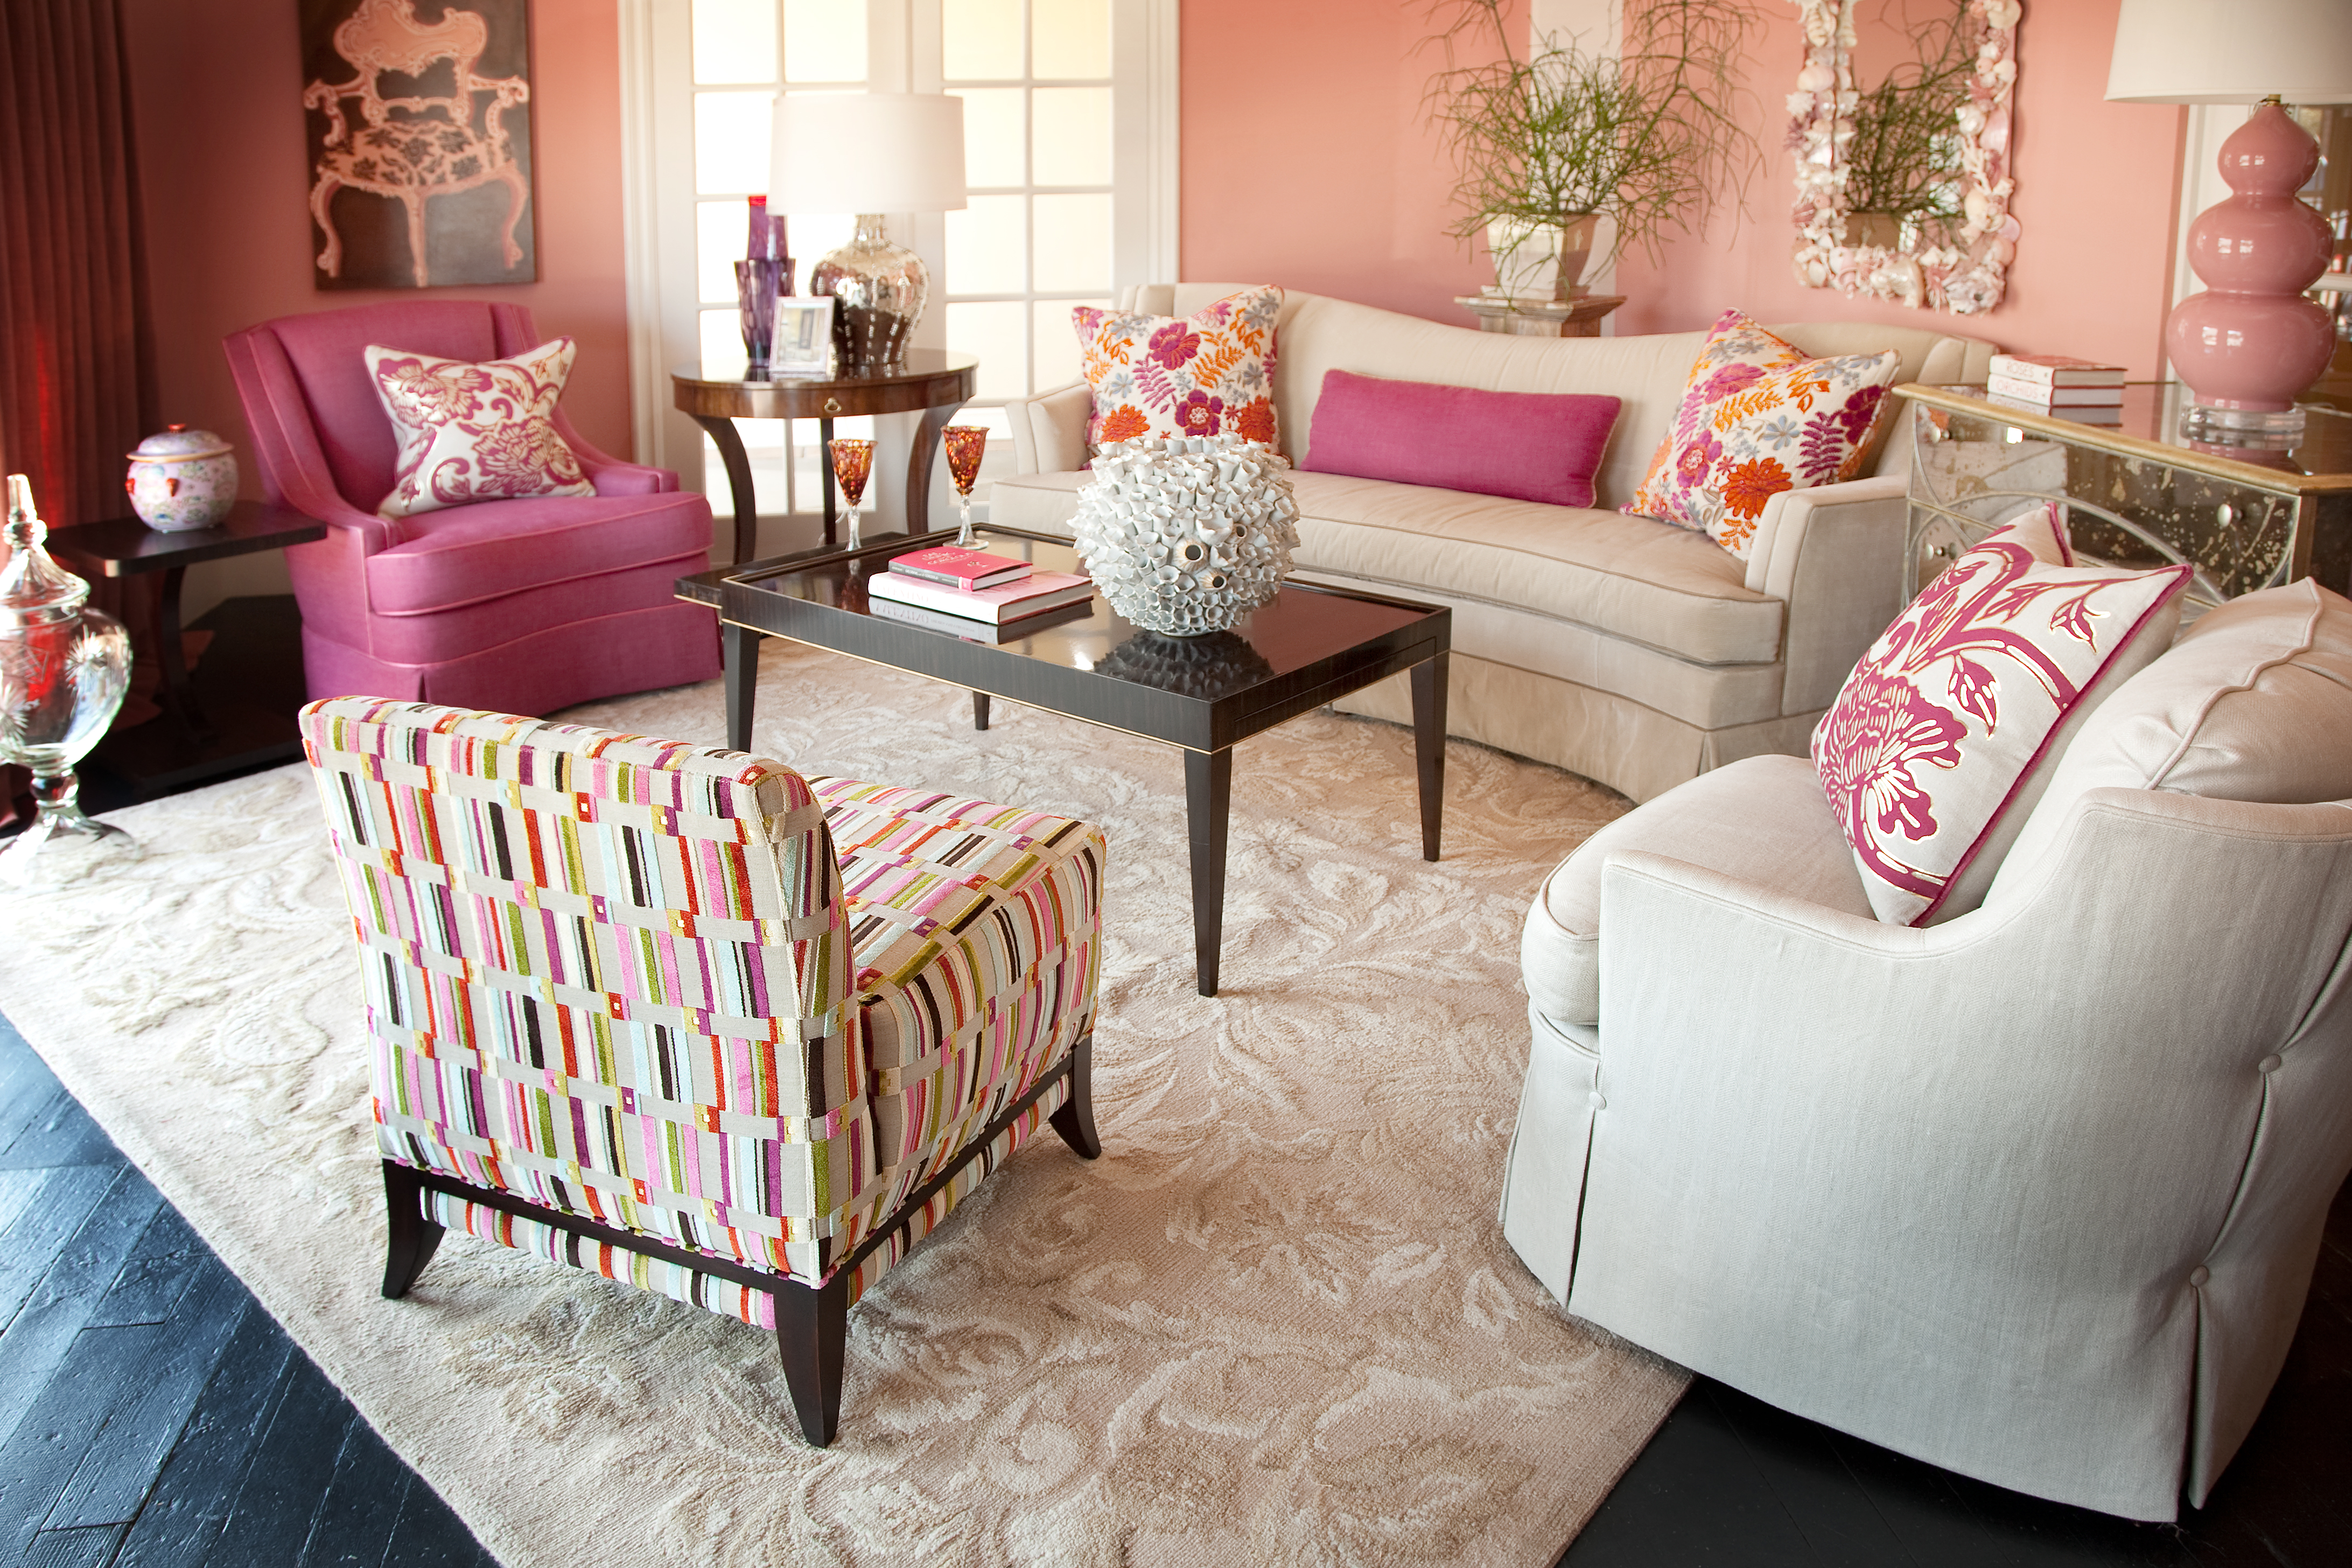 10 Amazing Pink Living Room Interior Design Ideas ...